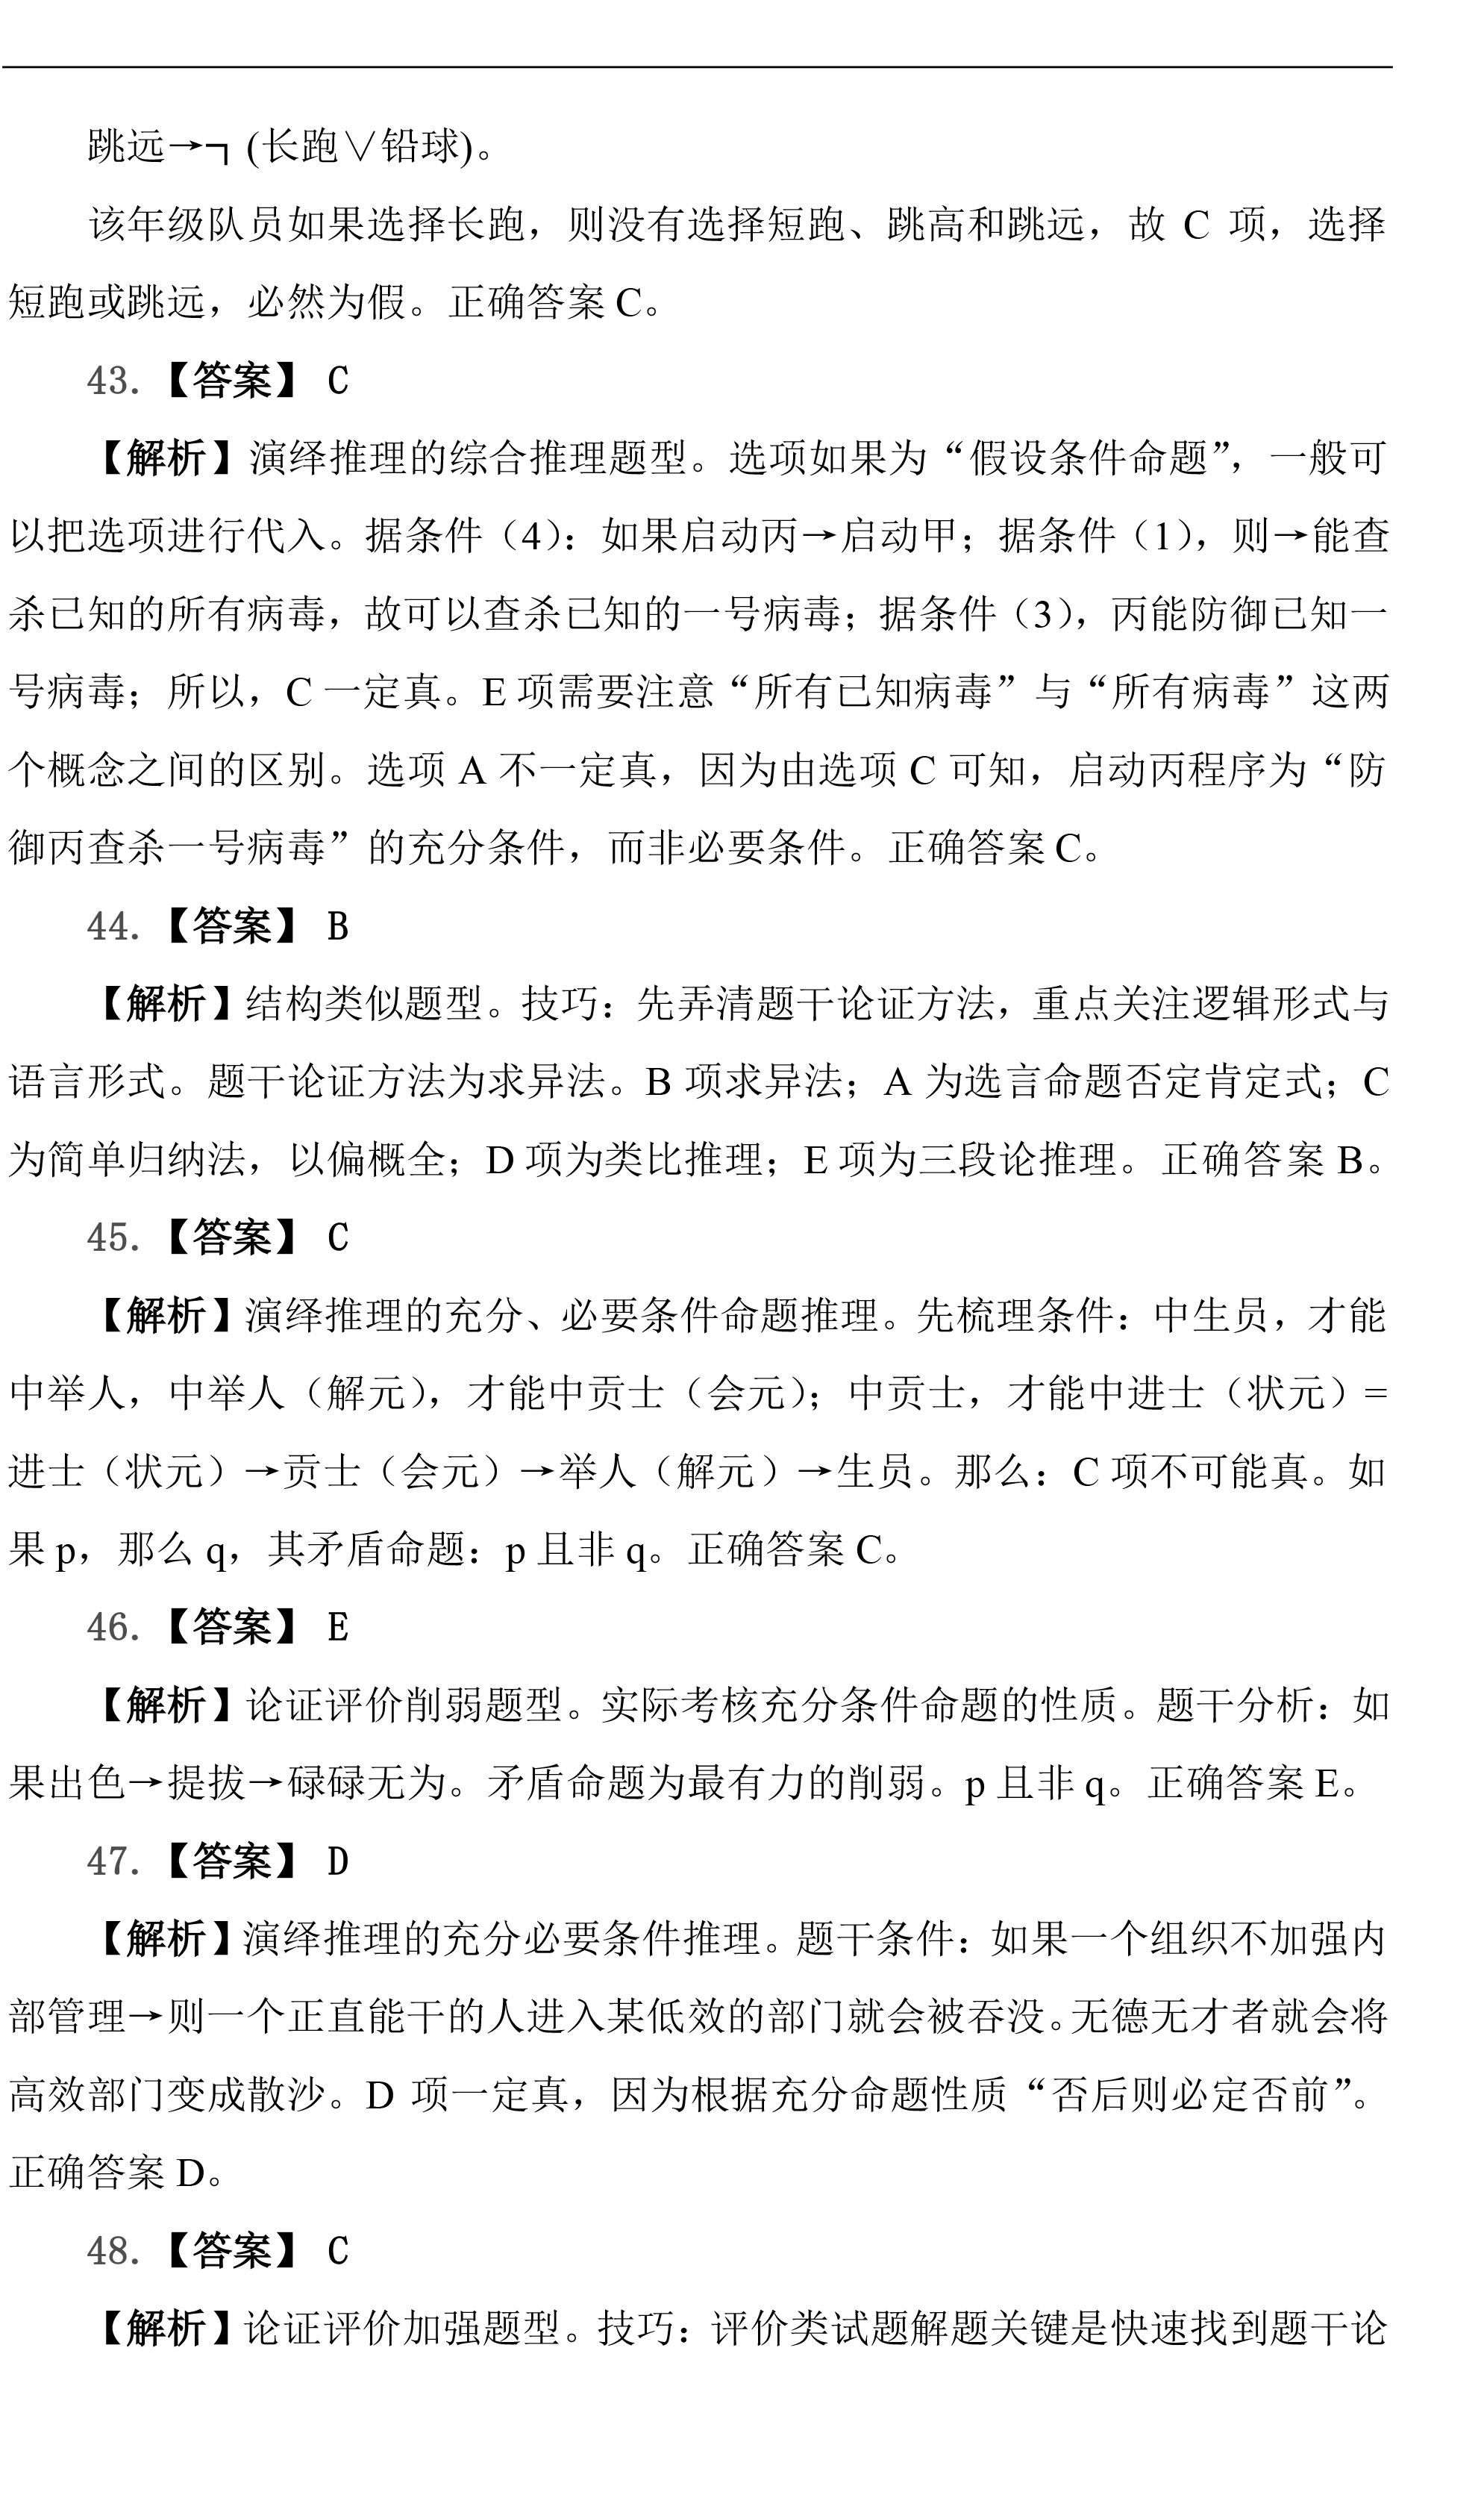 真题试卷集-综合-2014~2018-解析-31.jpg